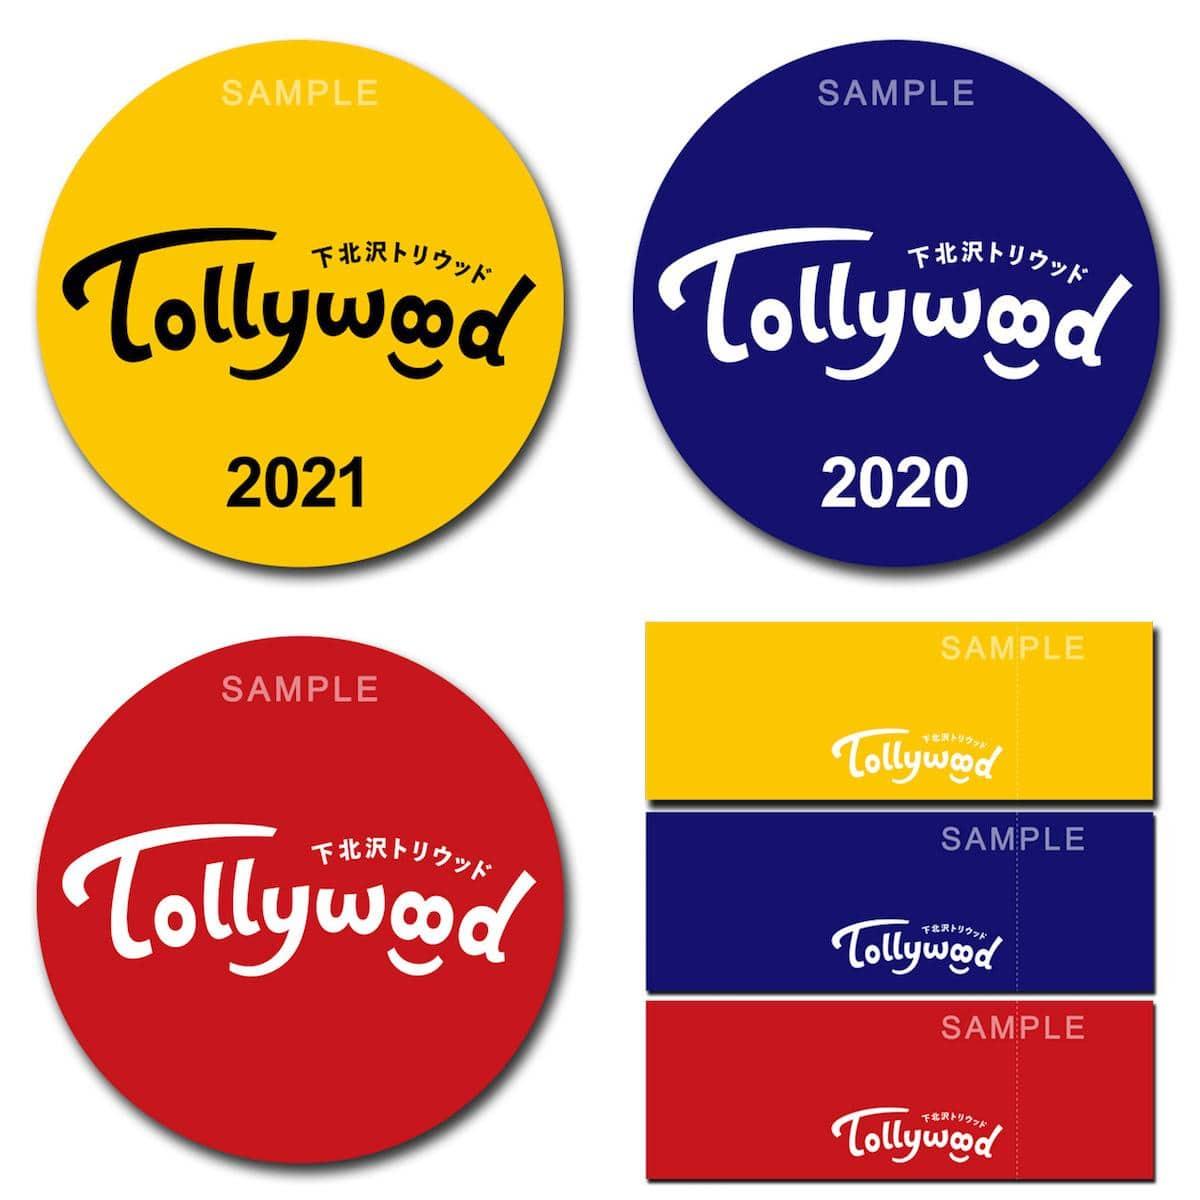 トリウッドのロゴが入った缶バッジと招待券